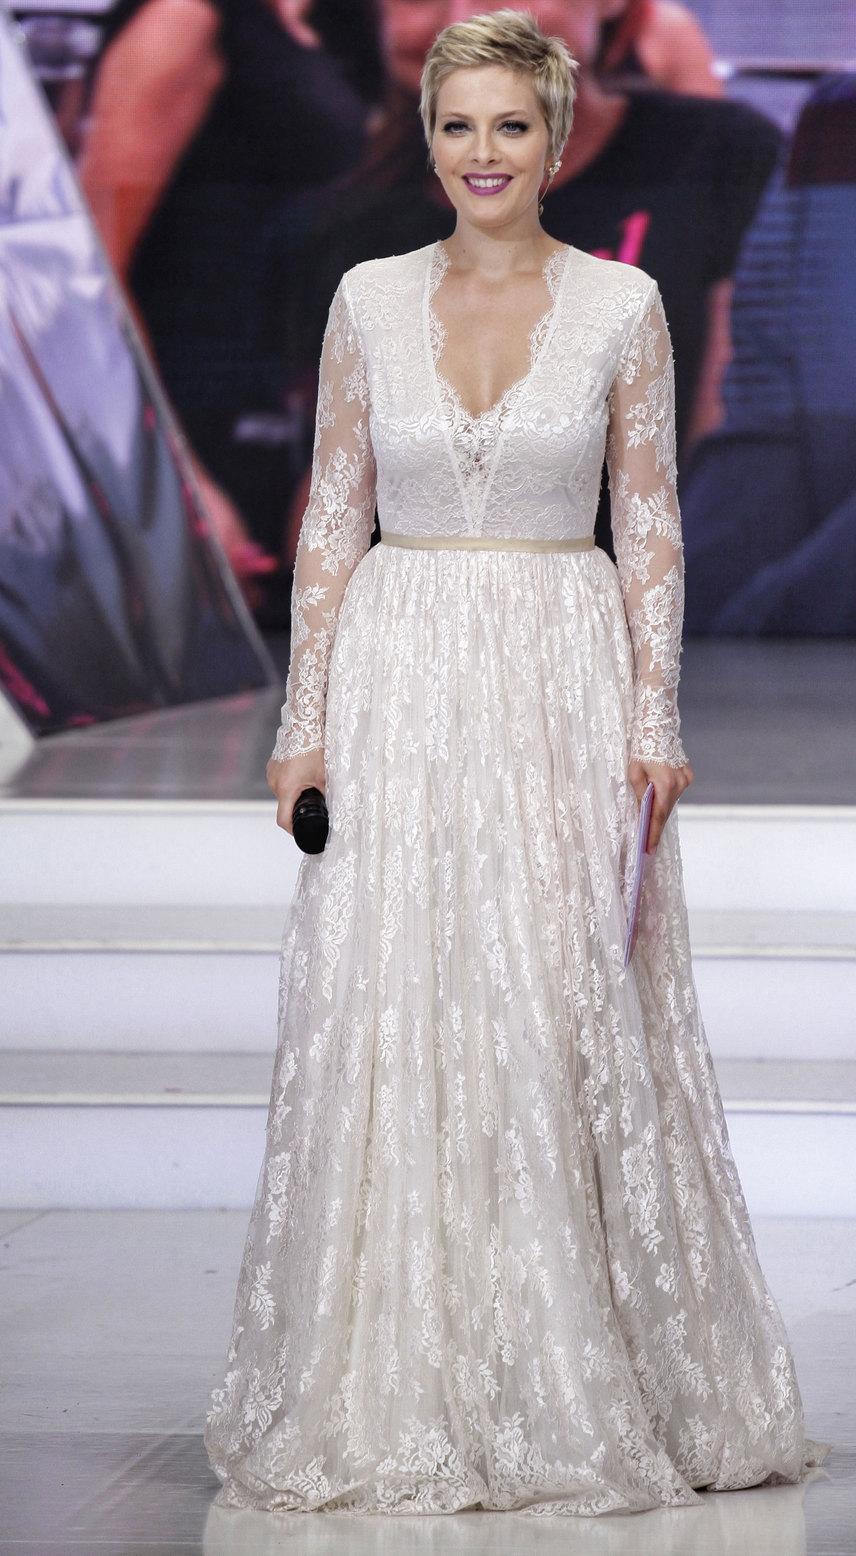 Tatár Csilla a 2016-os Magyarország Szépe című műsorban egy hófehér csipkeruhát is viselt, amiben sok néző szerint olyan volt, mint egy menyasszony.